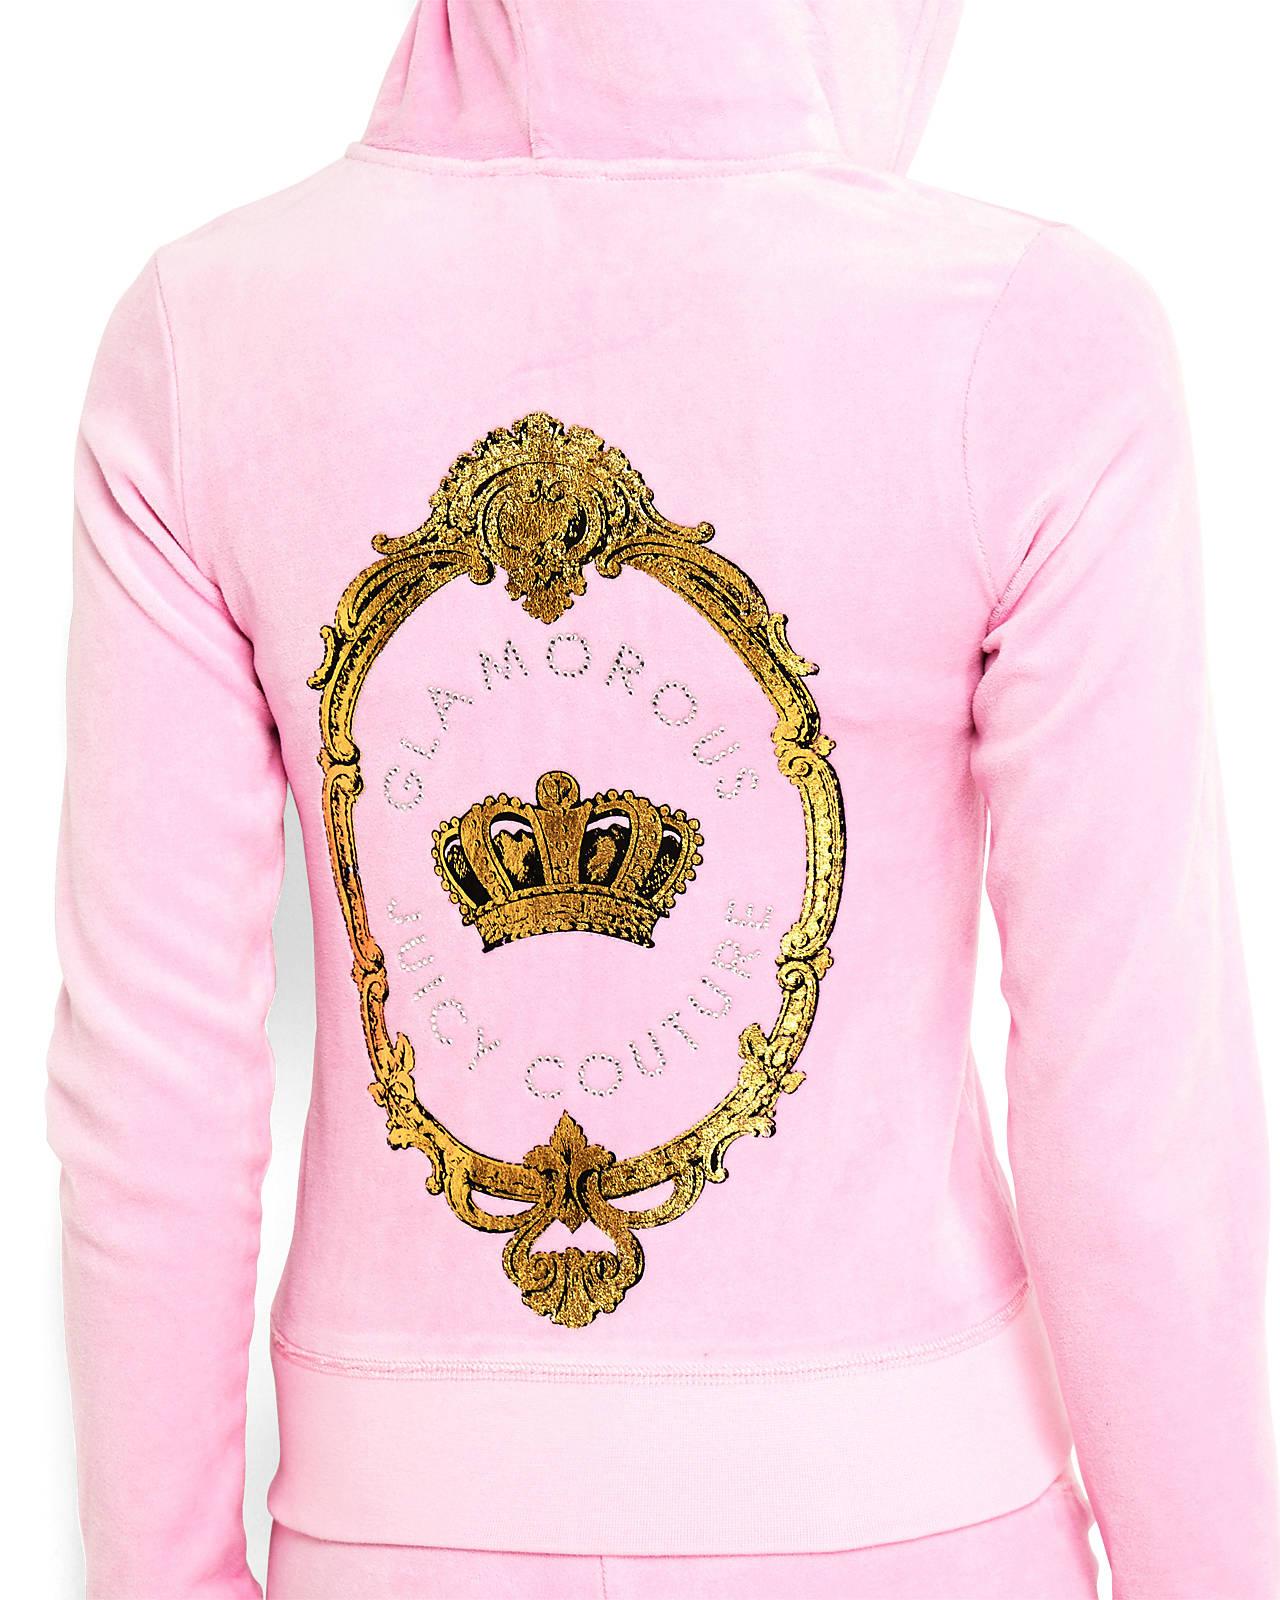 Juicy couture Slim Fit Crown Velour Hoodie in Pink ...Juicy Couture Crown Tattoo